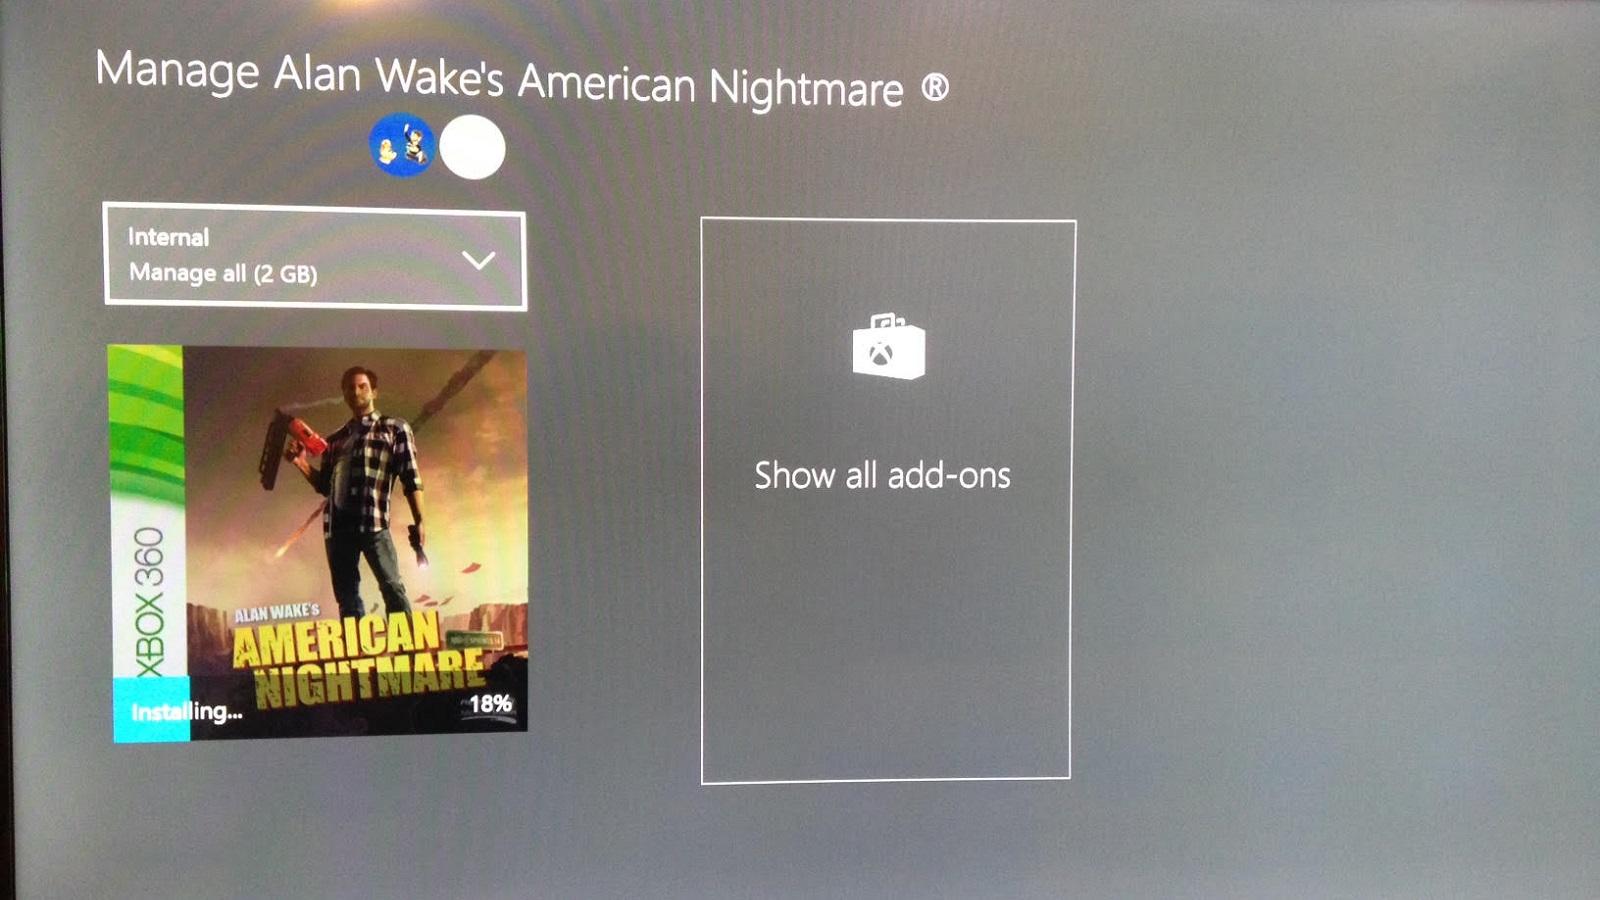 american-nightmare-alan-wake